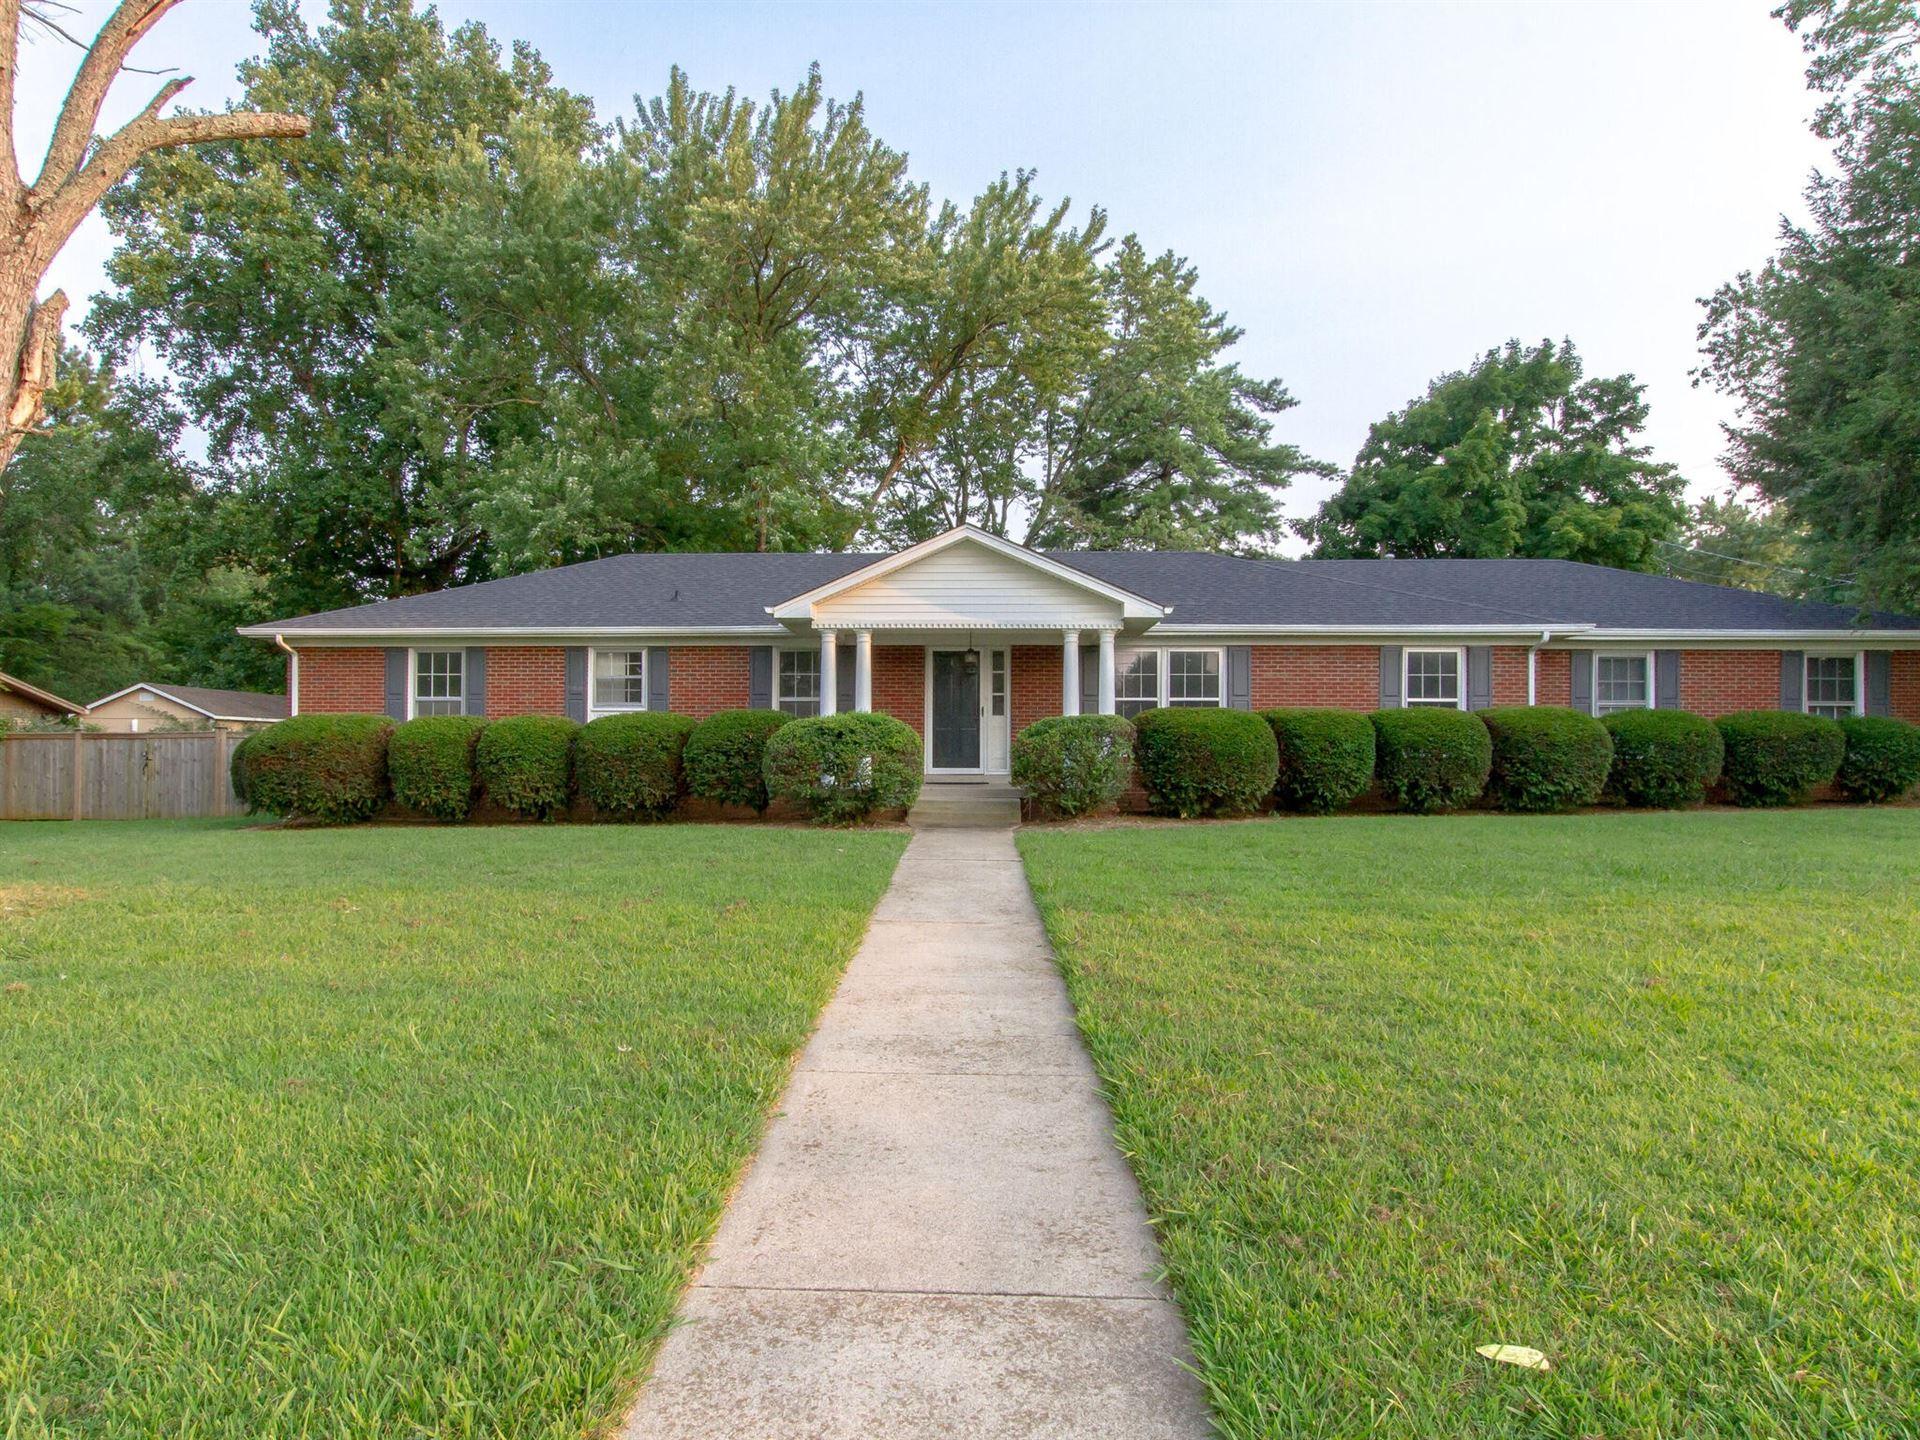 502 E Clark Blvd, Murfreesboro, TN 37130 - MLS#: 2275356